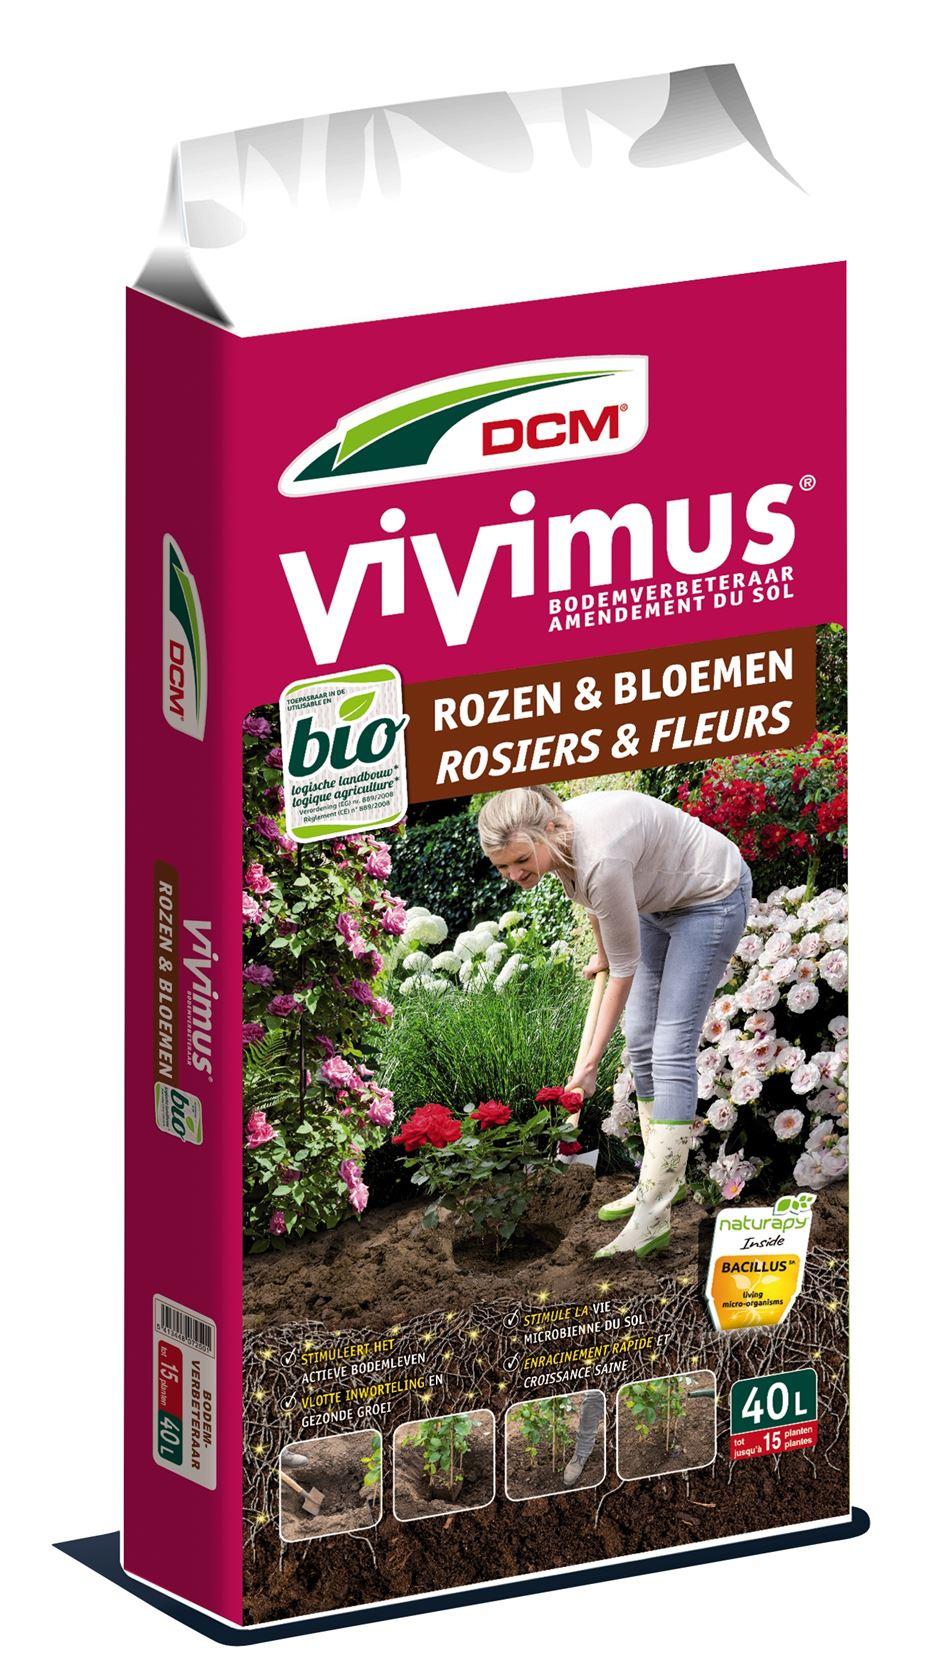 Vivimus bodemverbeteraar rozen & bloemen 40L - Bio